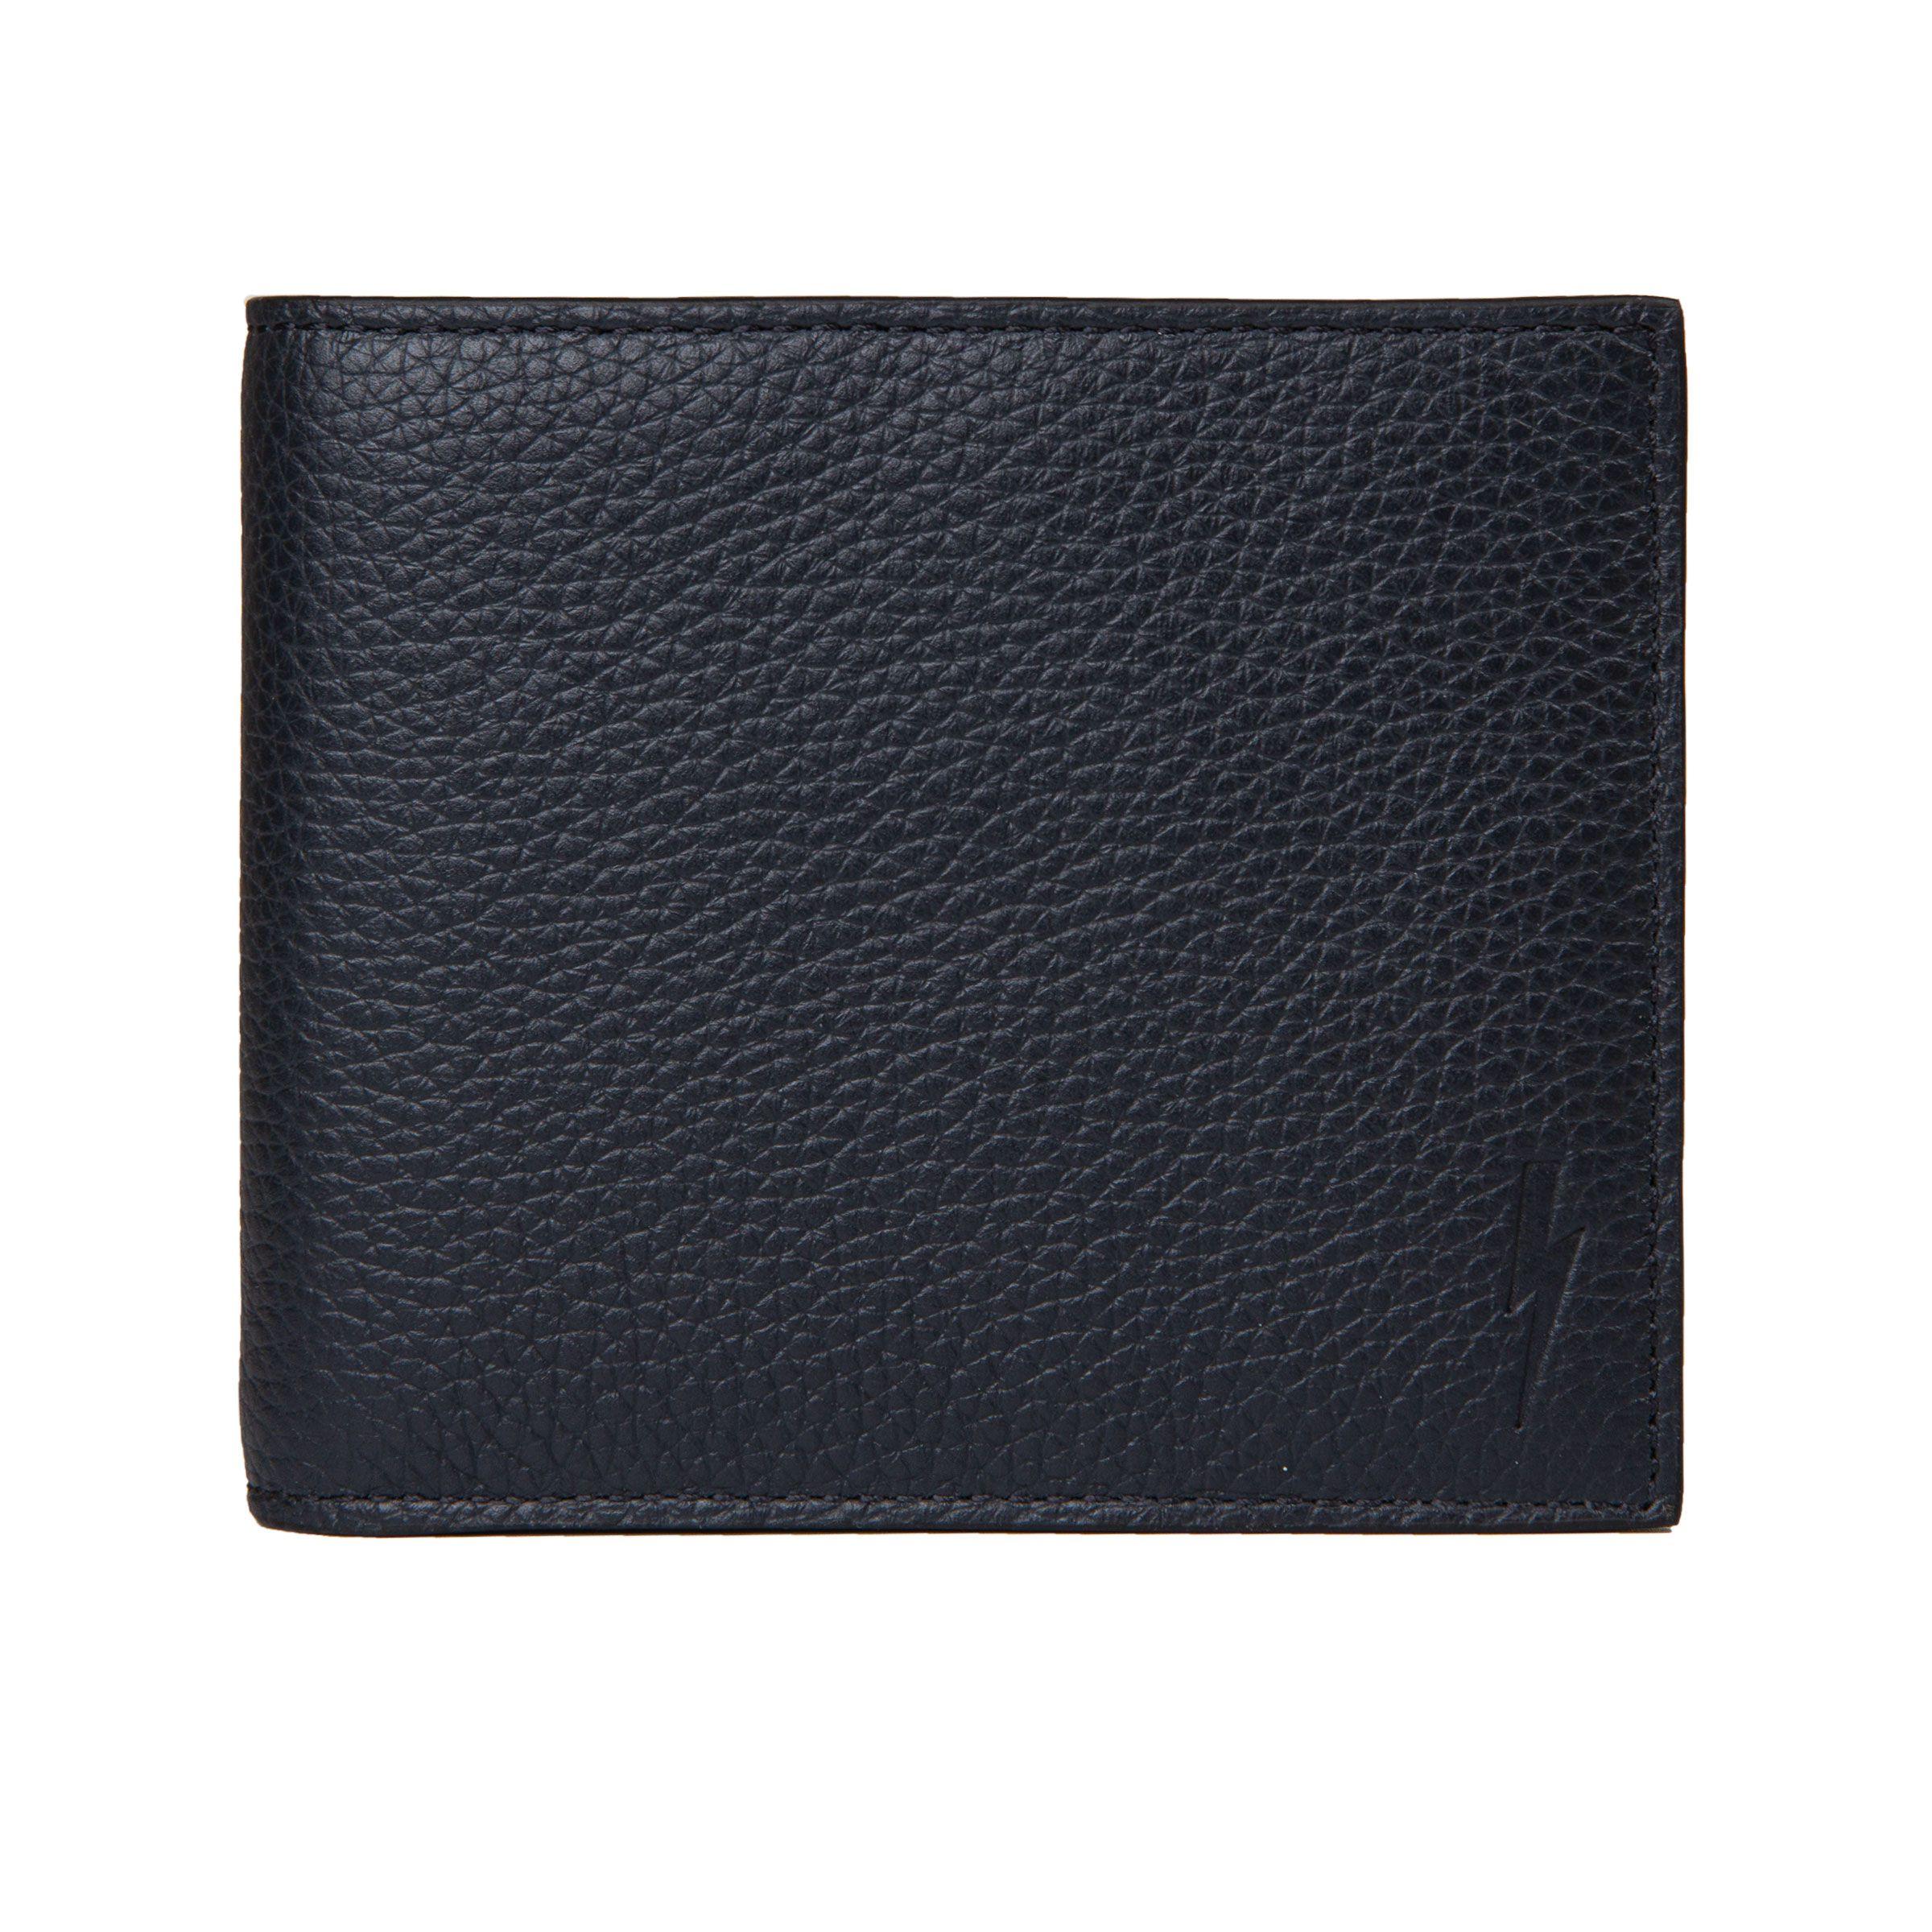 Neil Barrett Men's Wallet Blue BSG900X9200_466NAVY